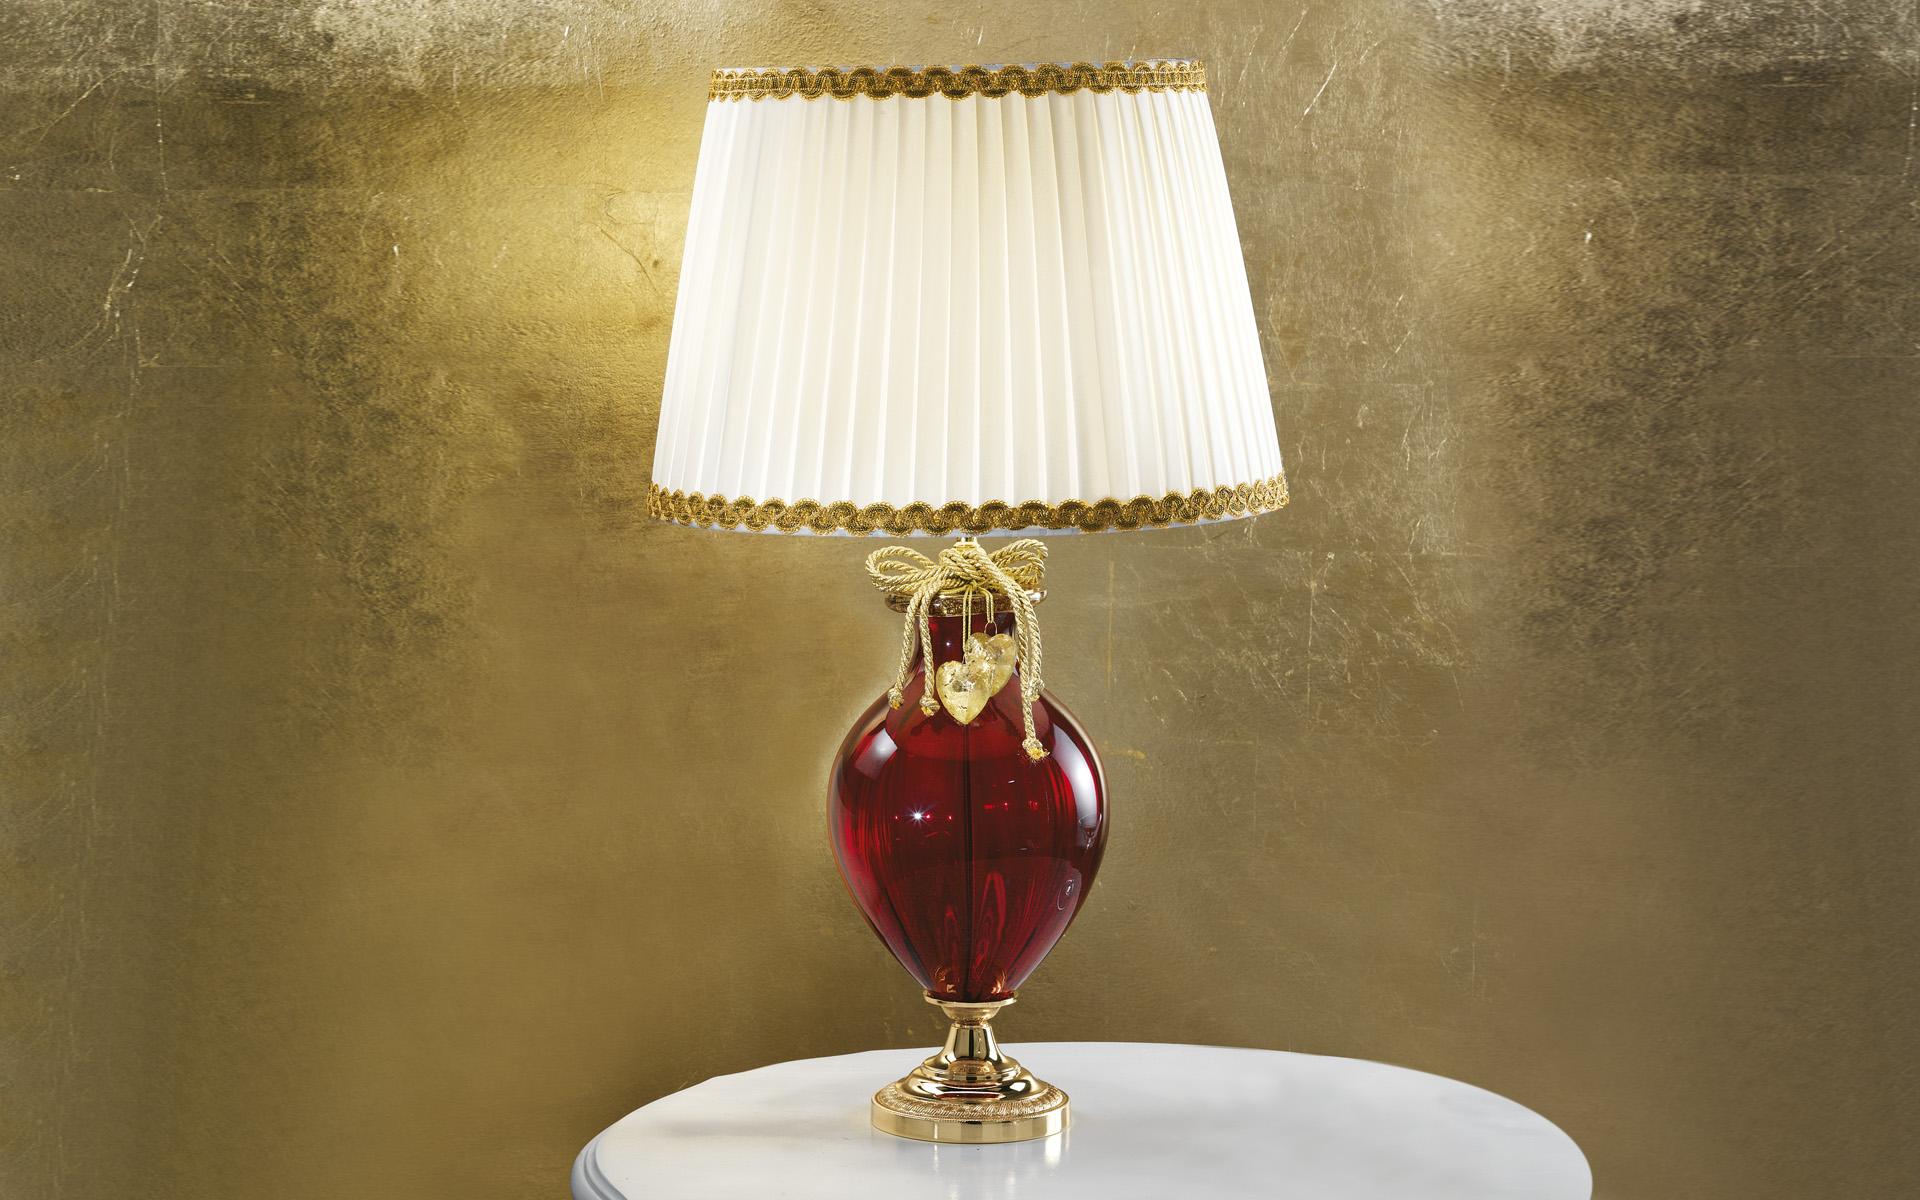 Светодиодные лампы дневного света - купить, цены и